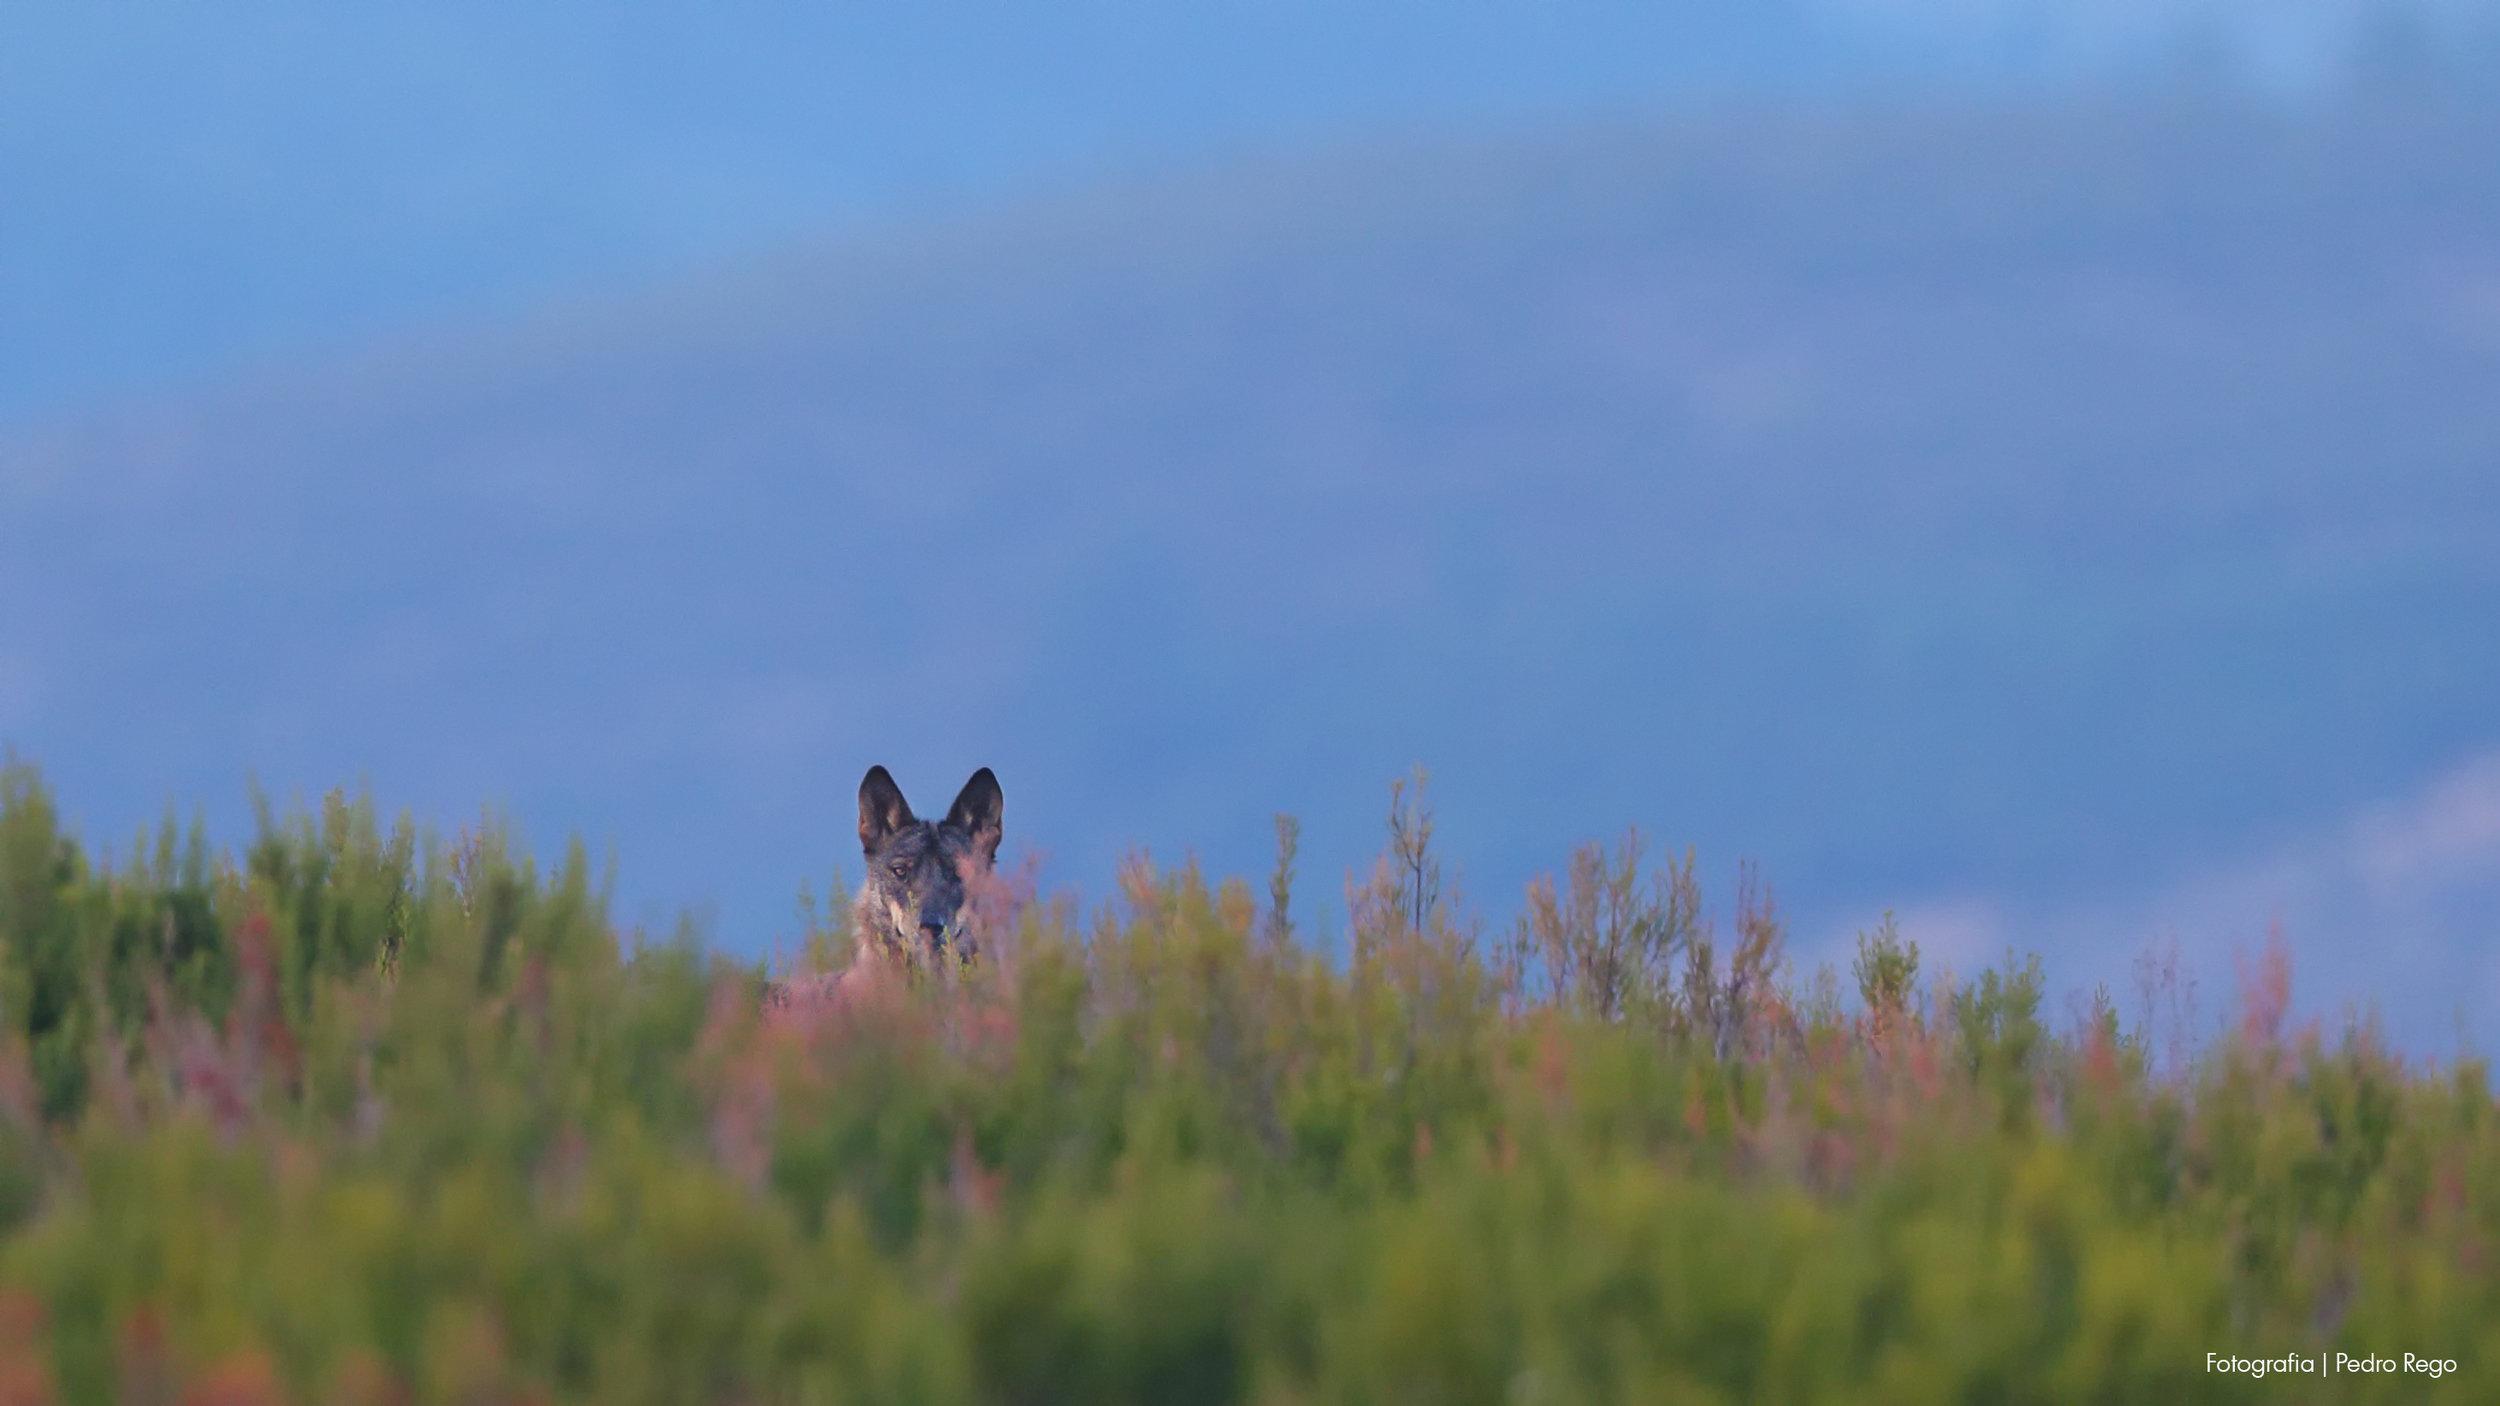 Lobo-ibérico. Fotografia | Pedro Rego